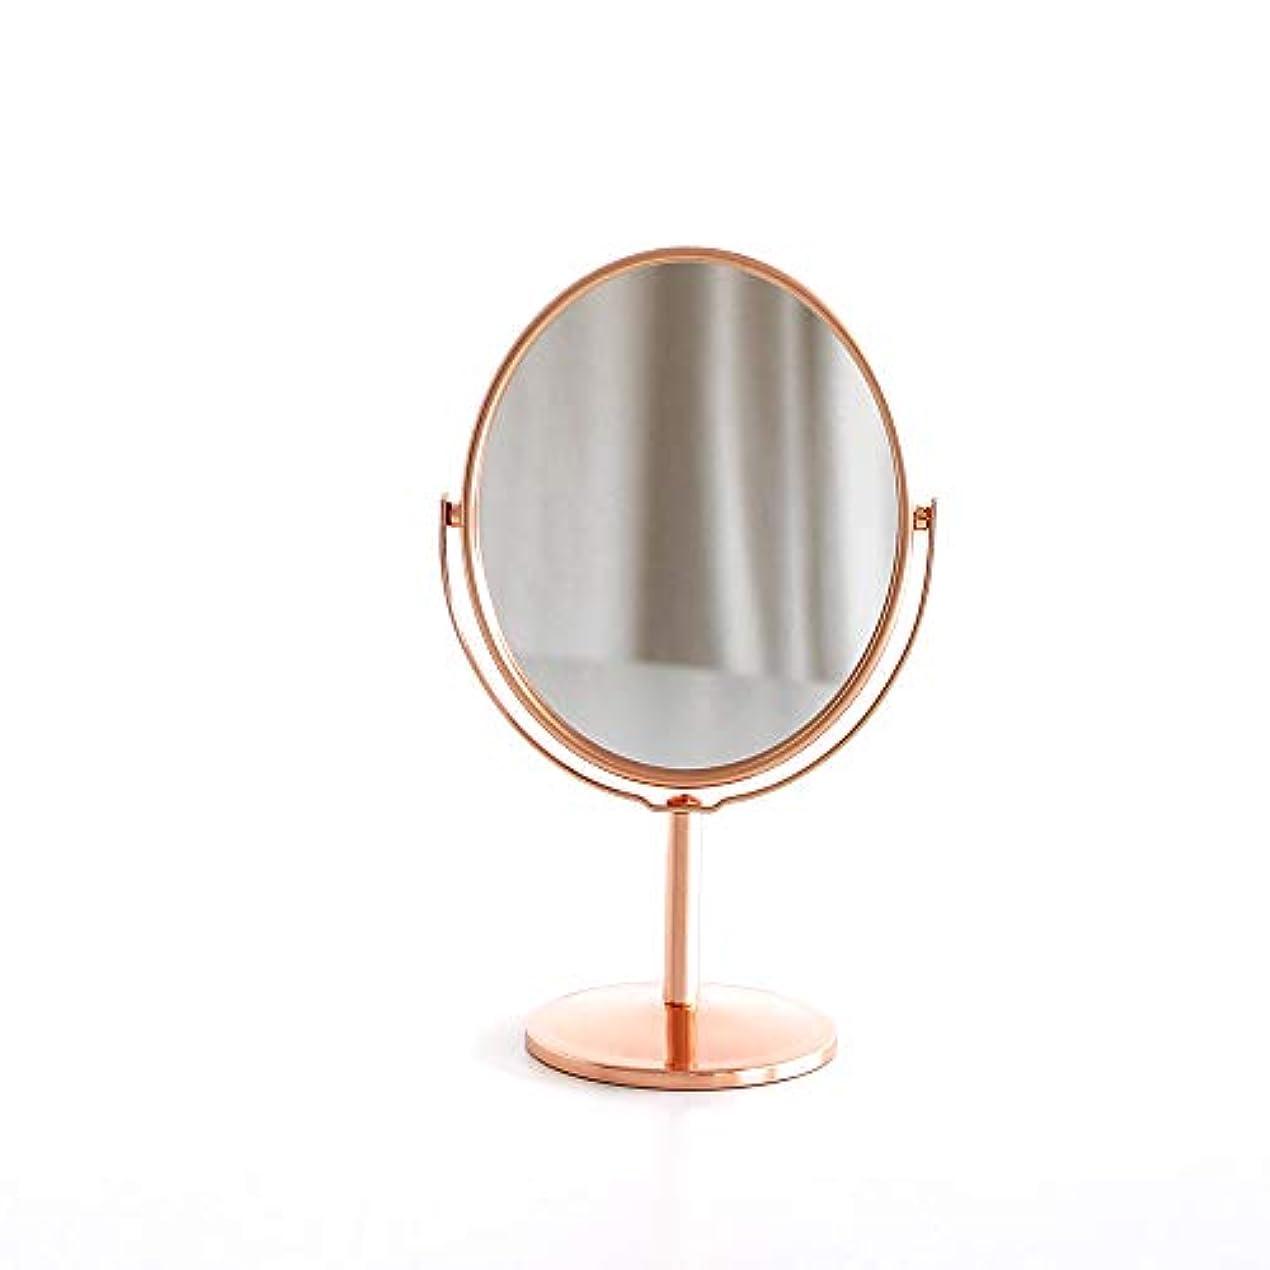 映画憧れ君主メタル両面卓上鏡 スタンドミラー 化粧鏡 拡大鏡付き 楕円ミラー 360度回転 コンパクトサイズ 10X12cm (ローズゴールド)